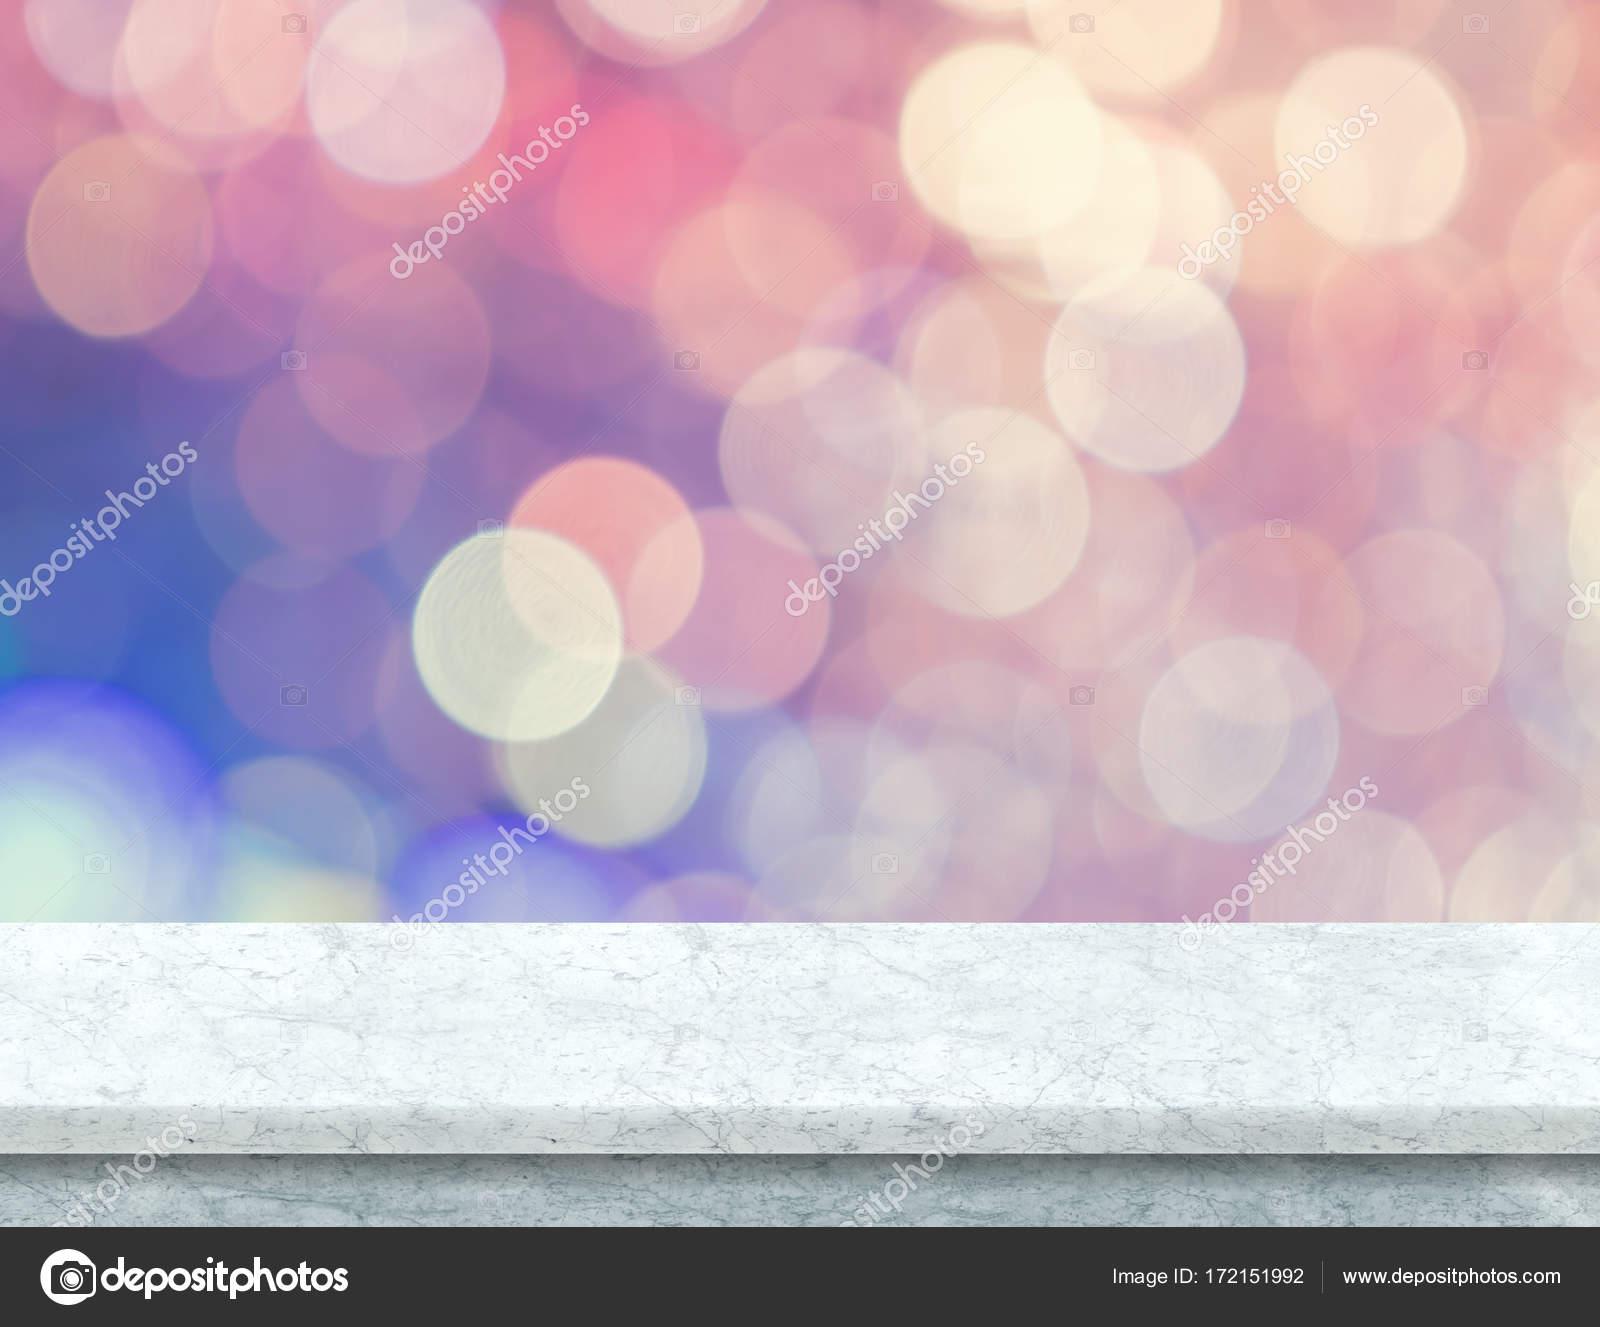 Tavolo In Marmo Bianco Con Bokeh Pastello Rosa E Blu Luce Ba Foto